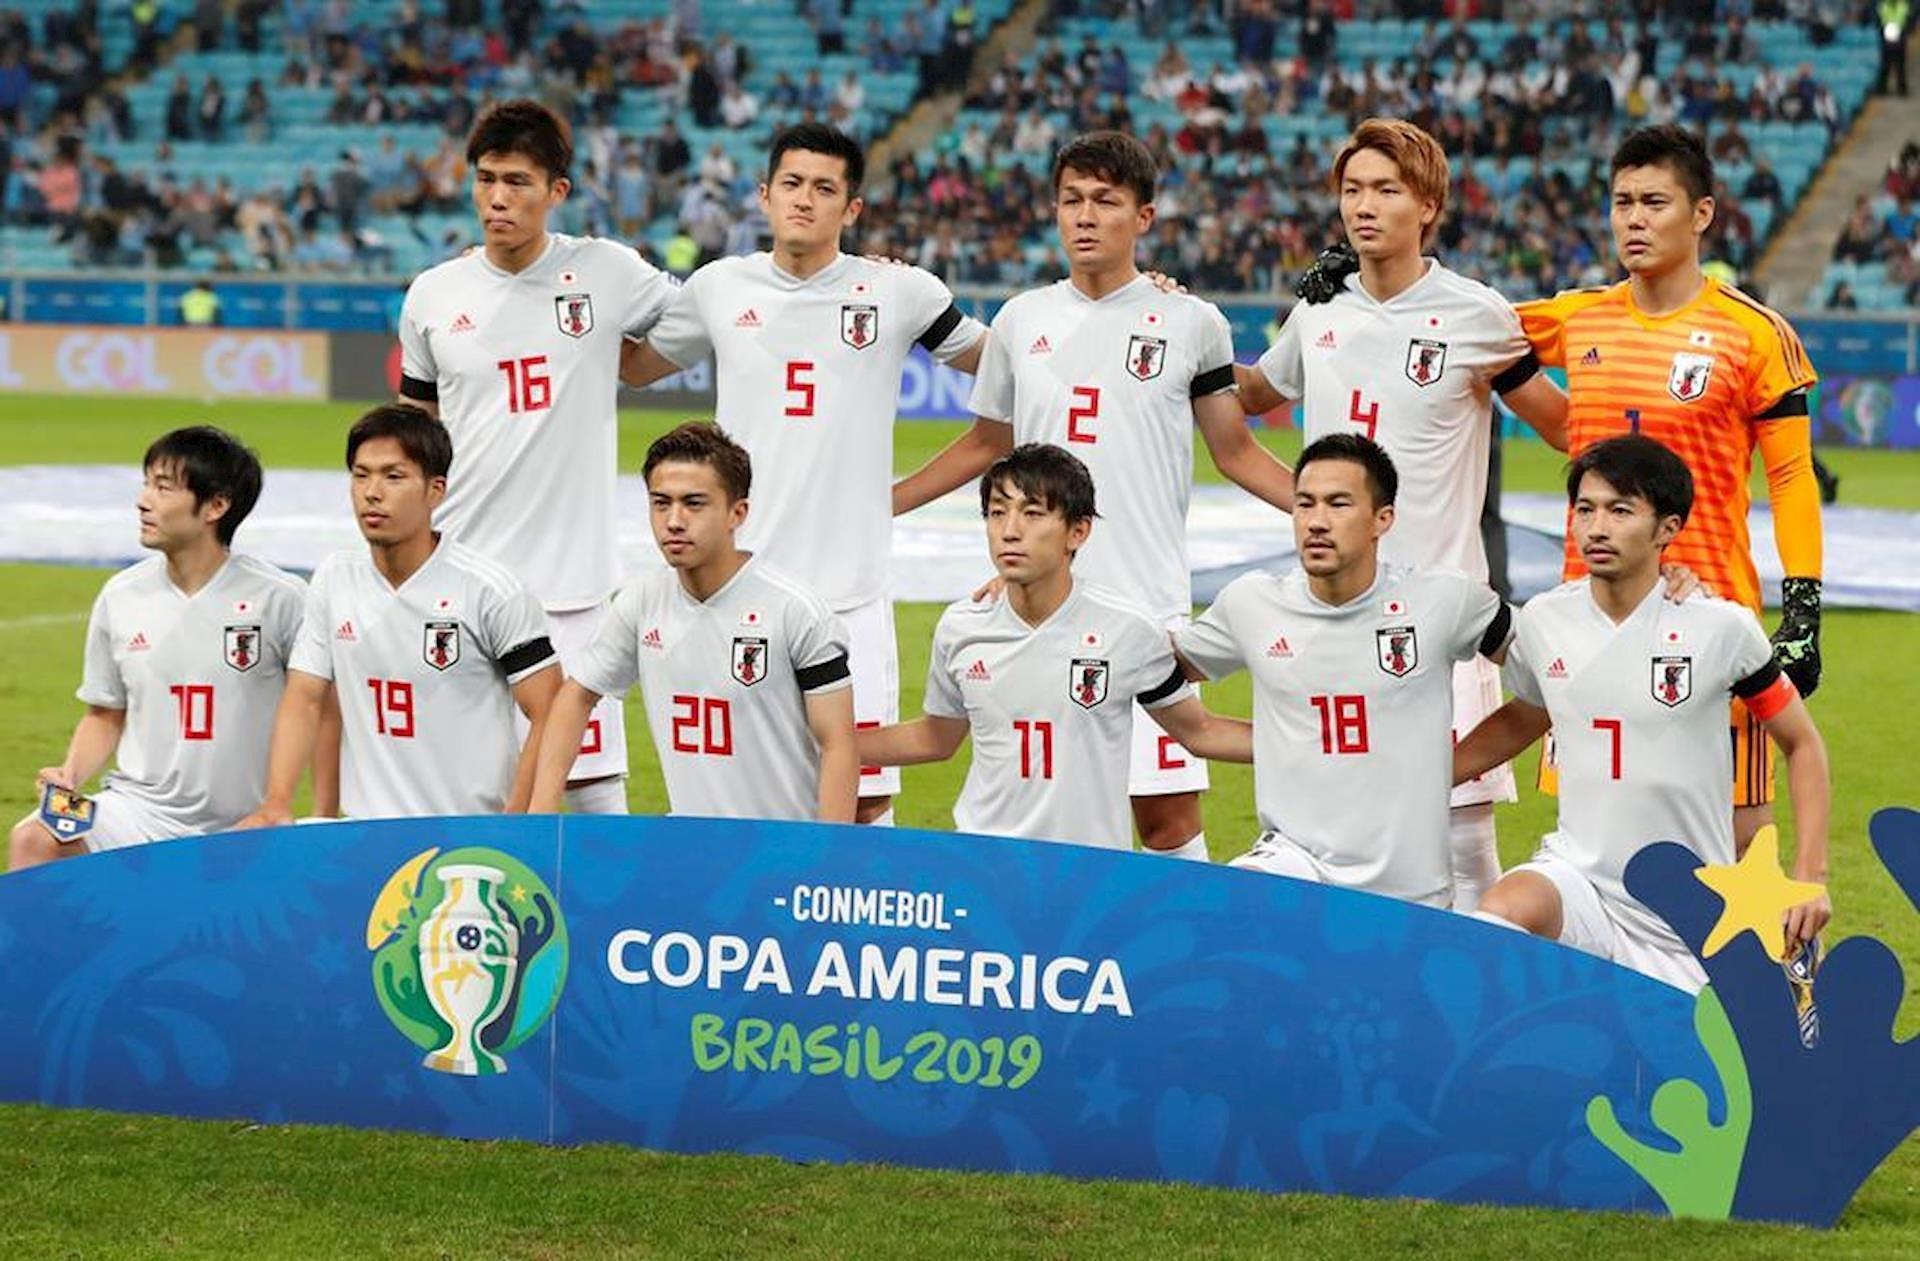 Copa America 2019: Khách nhạt nhòa, chủ nhà quá mạnh Ảnh 3